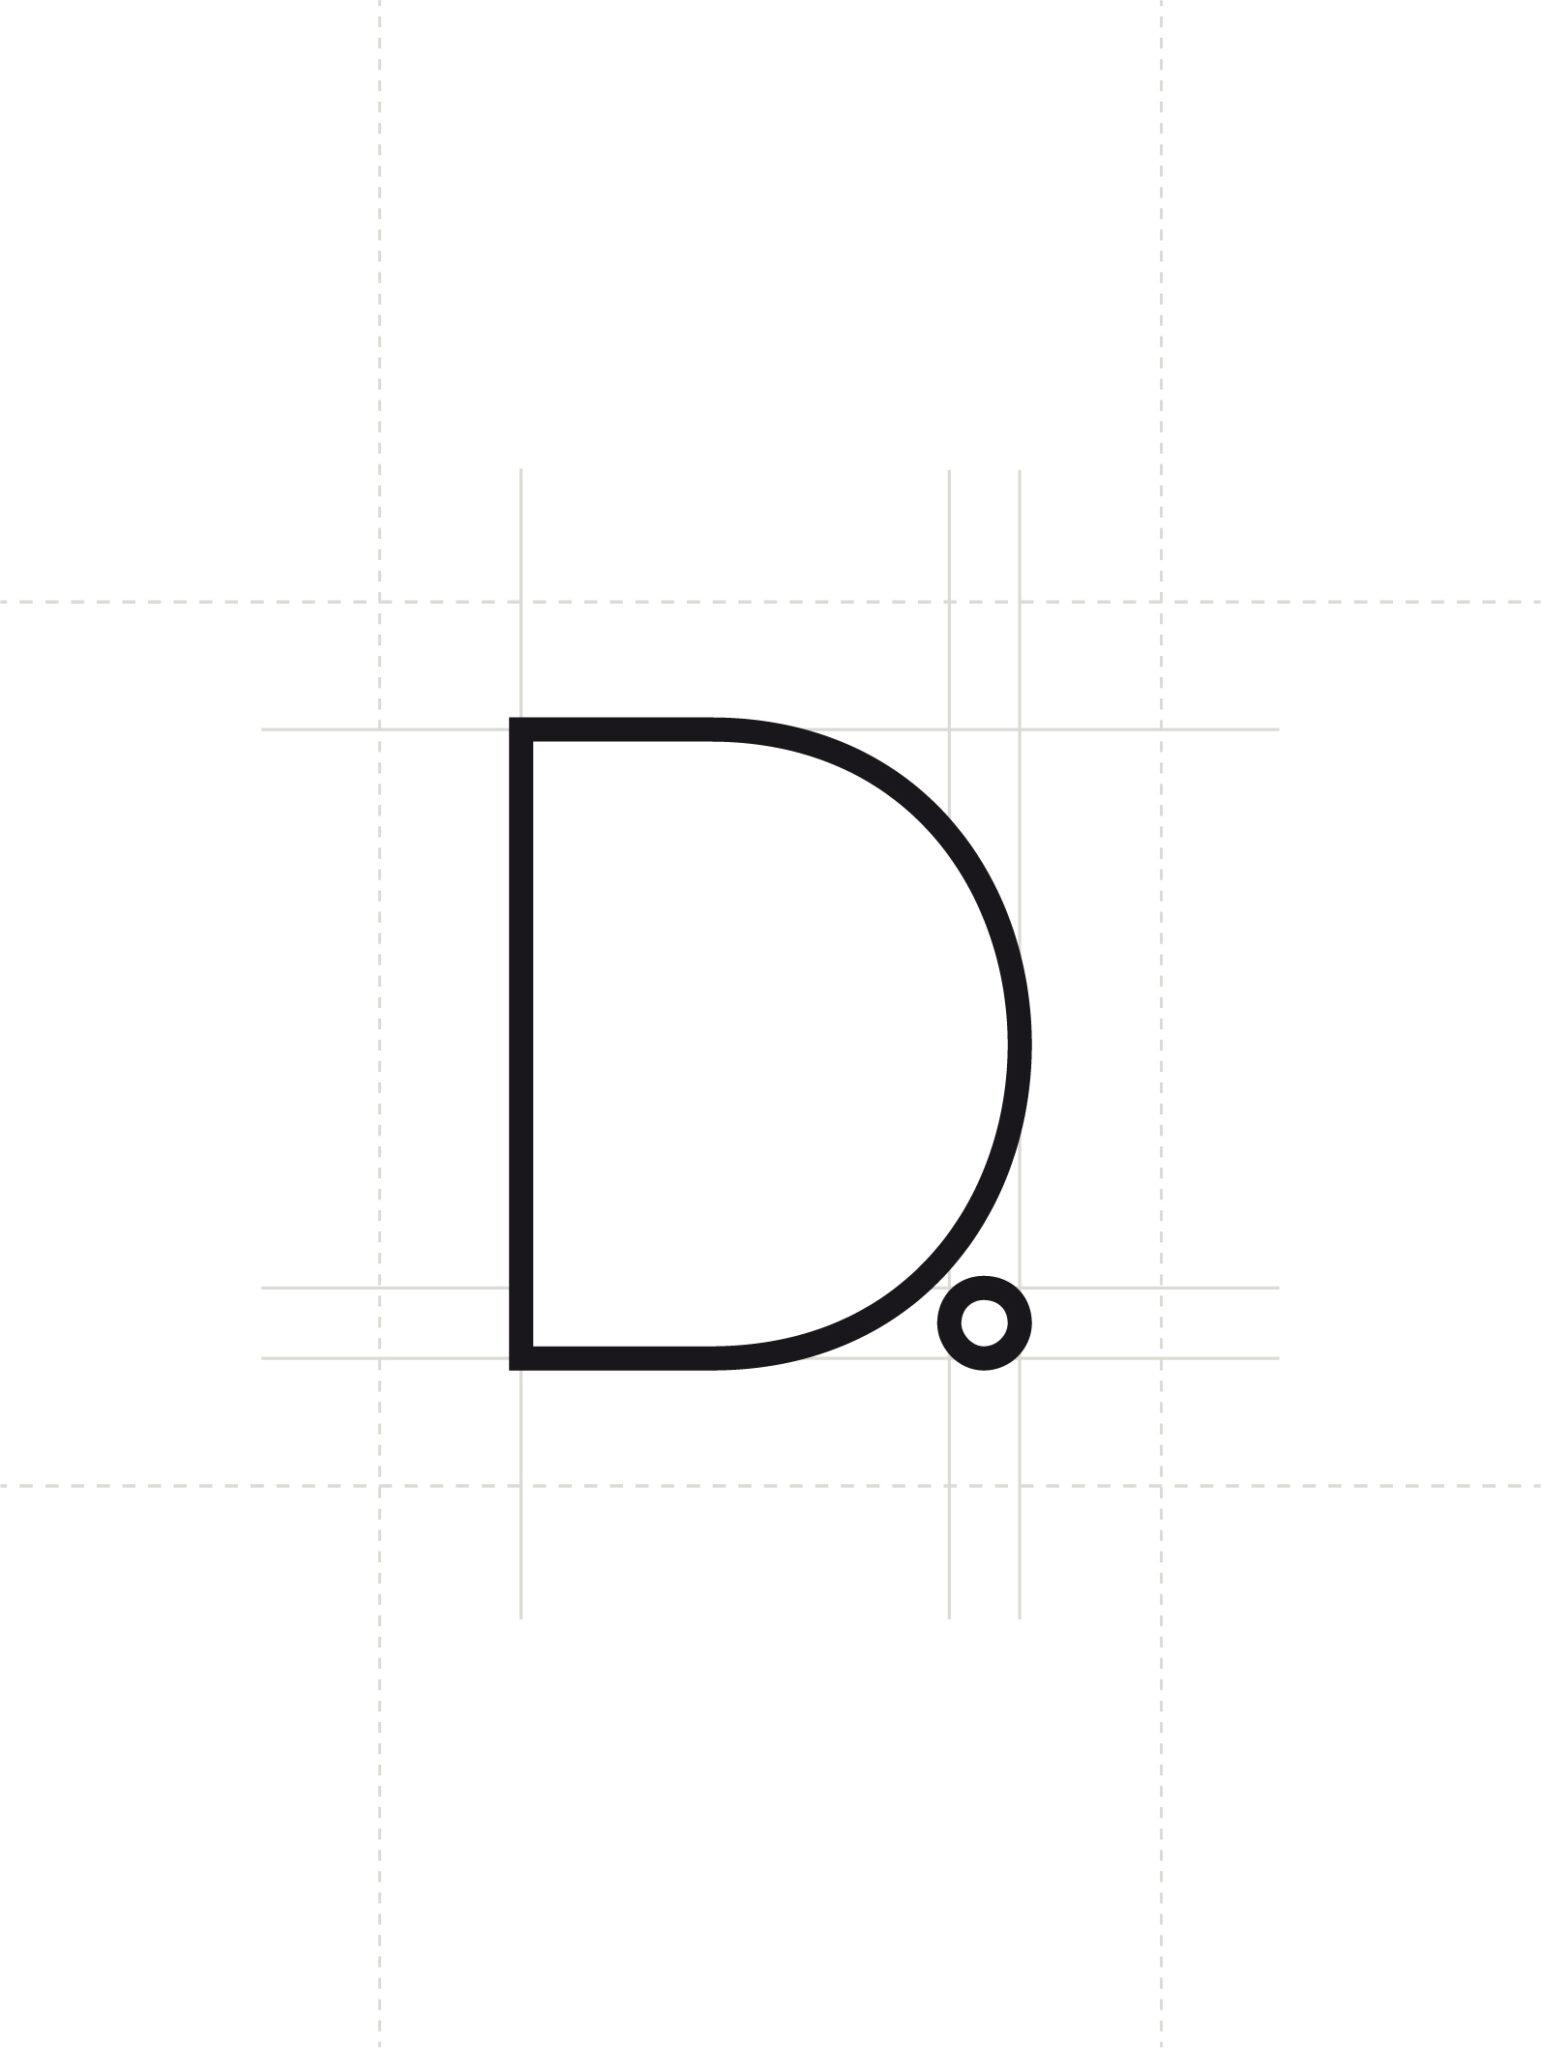 Das Bild zeigt die Designentwicklung des Logos